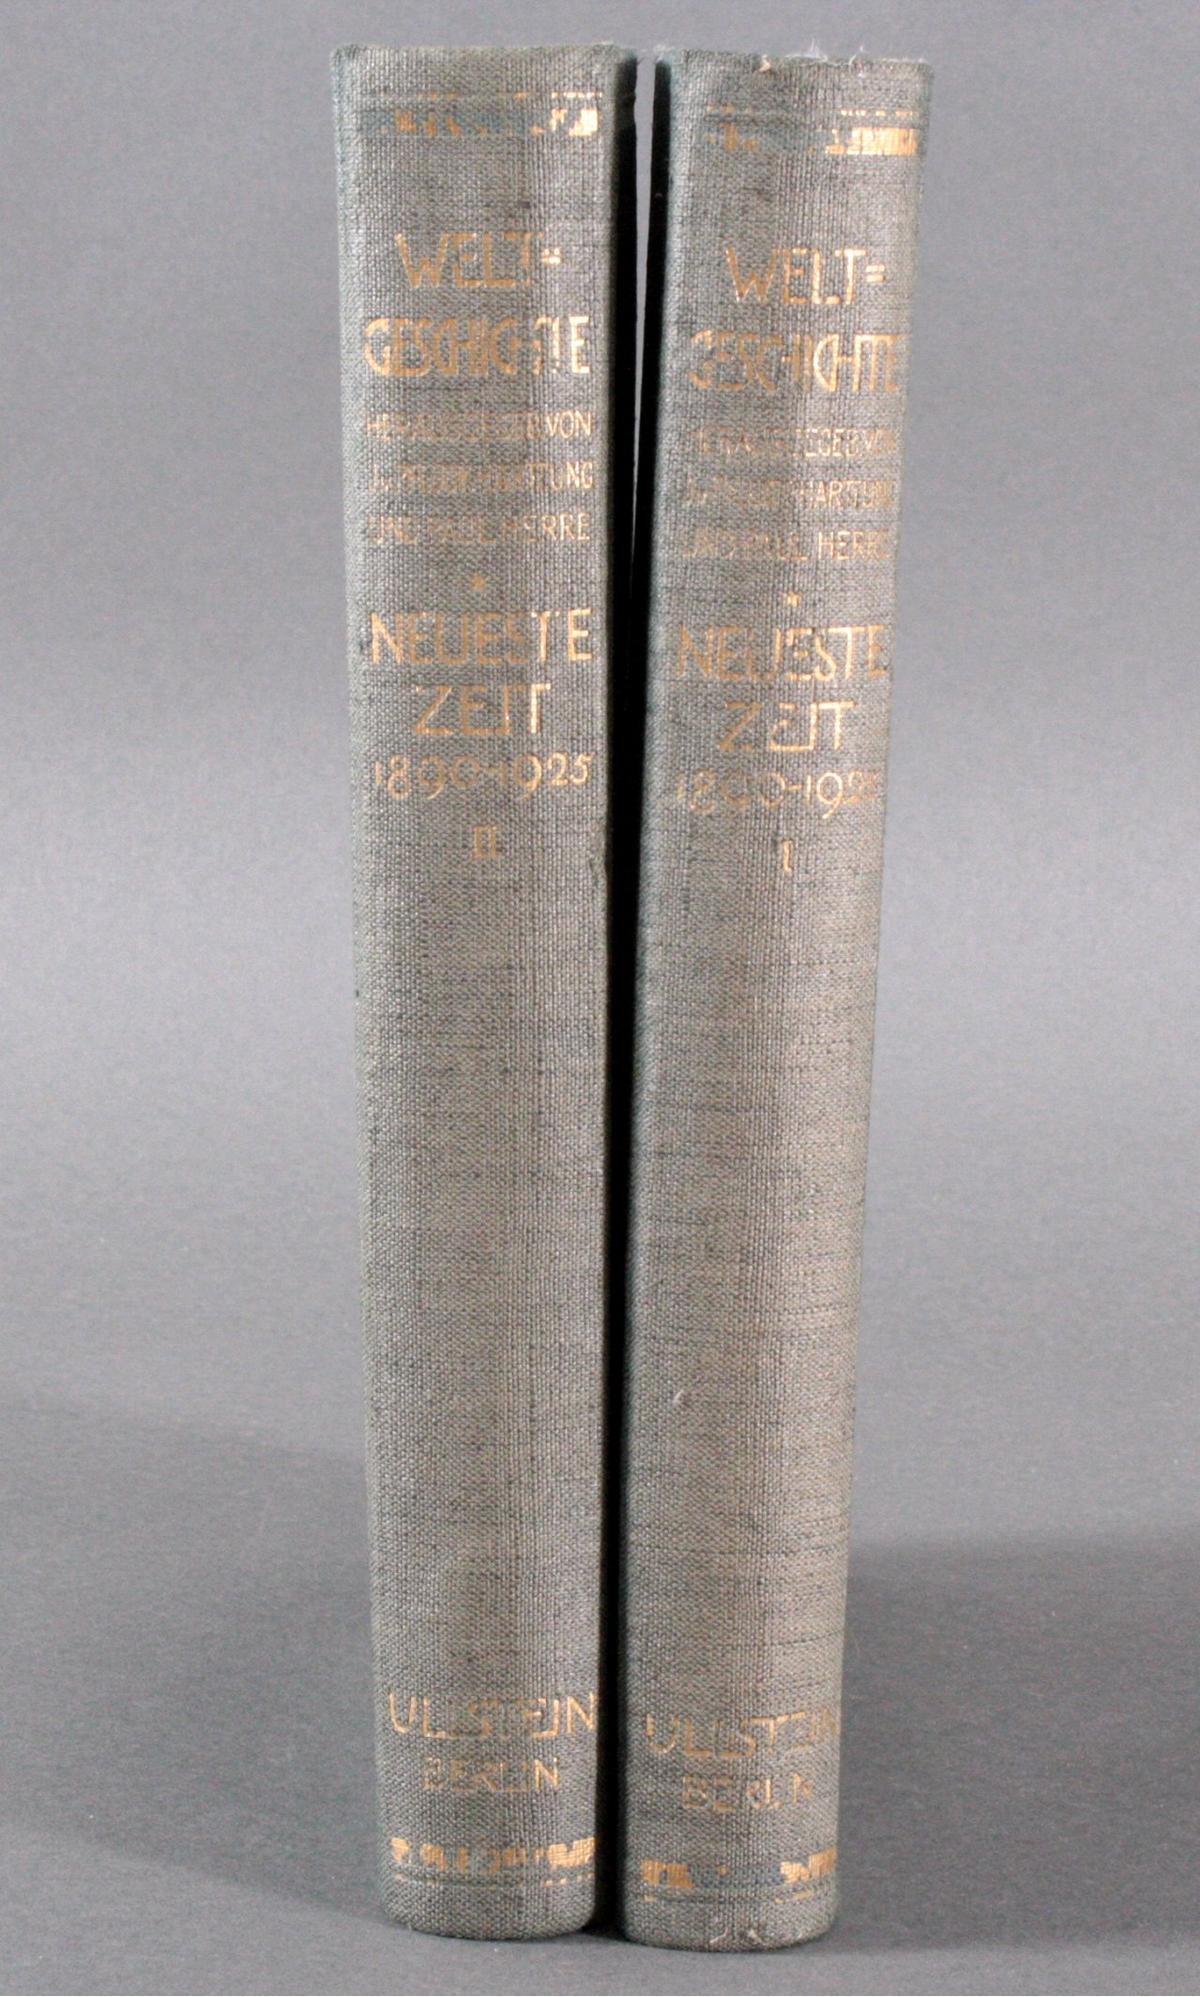 Ullsteins Weltgeschichte, neueste Zeit 1890 – 1925